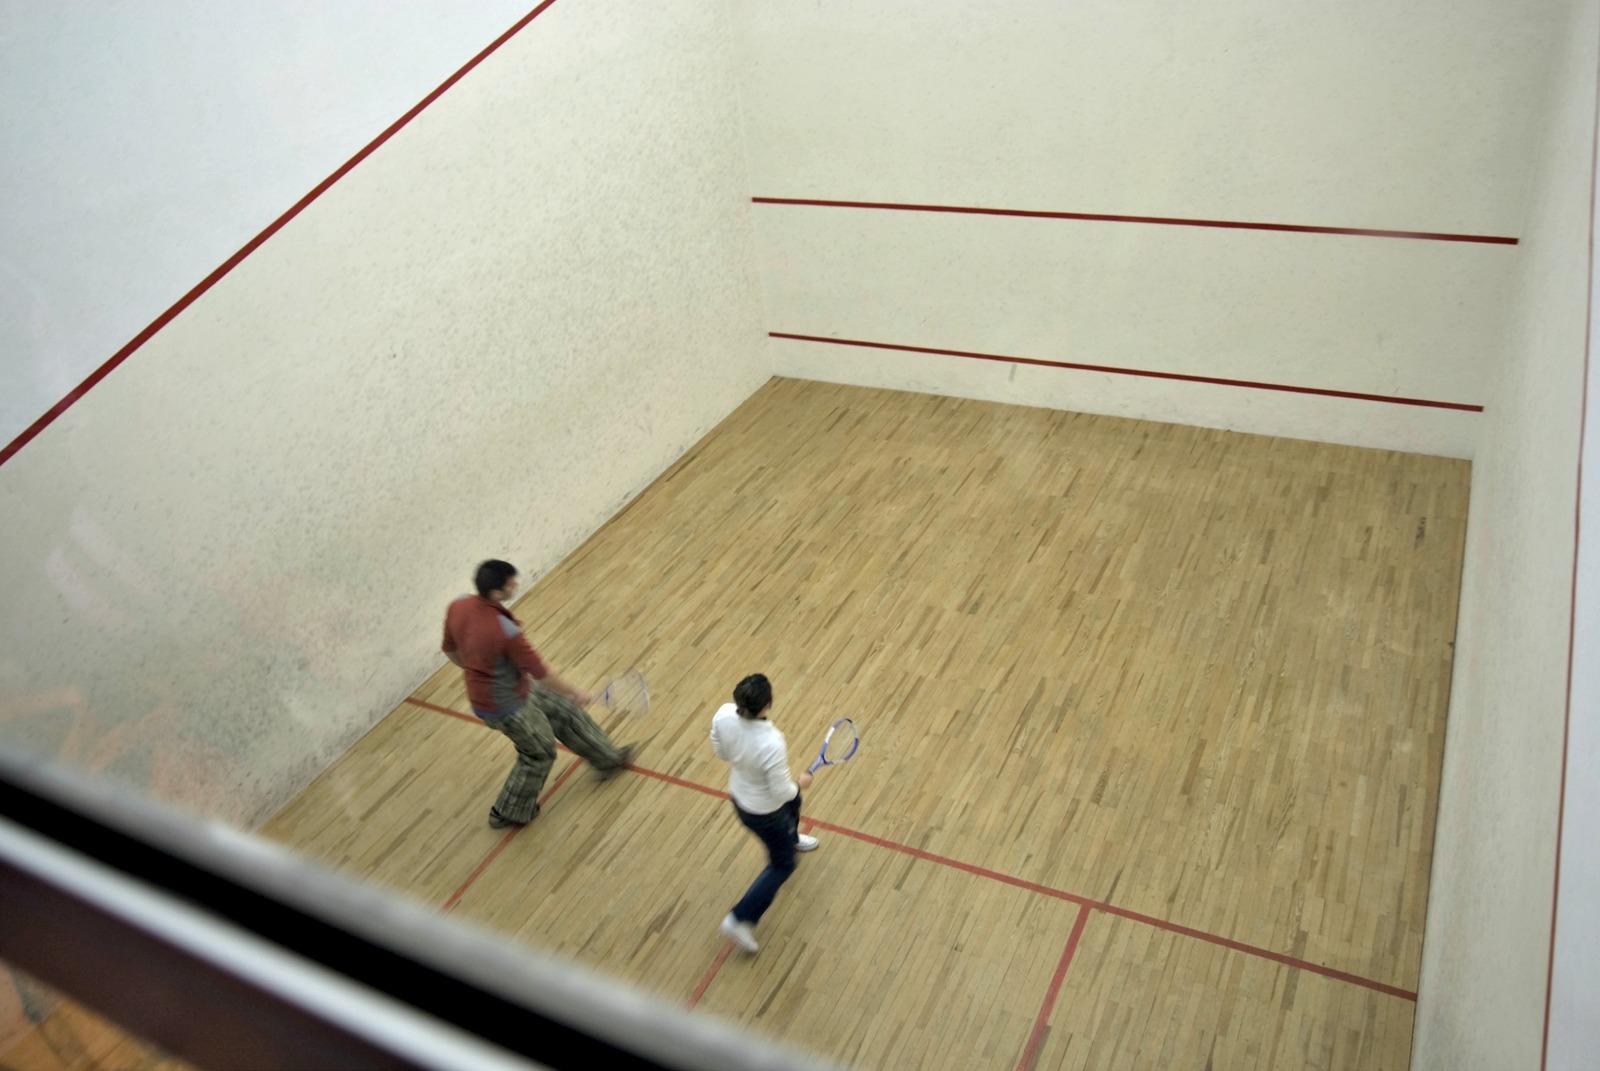 Squash  PSM squash © MCC